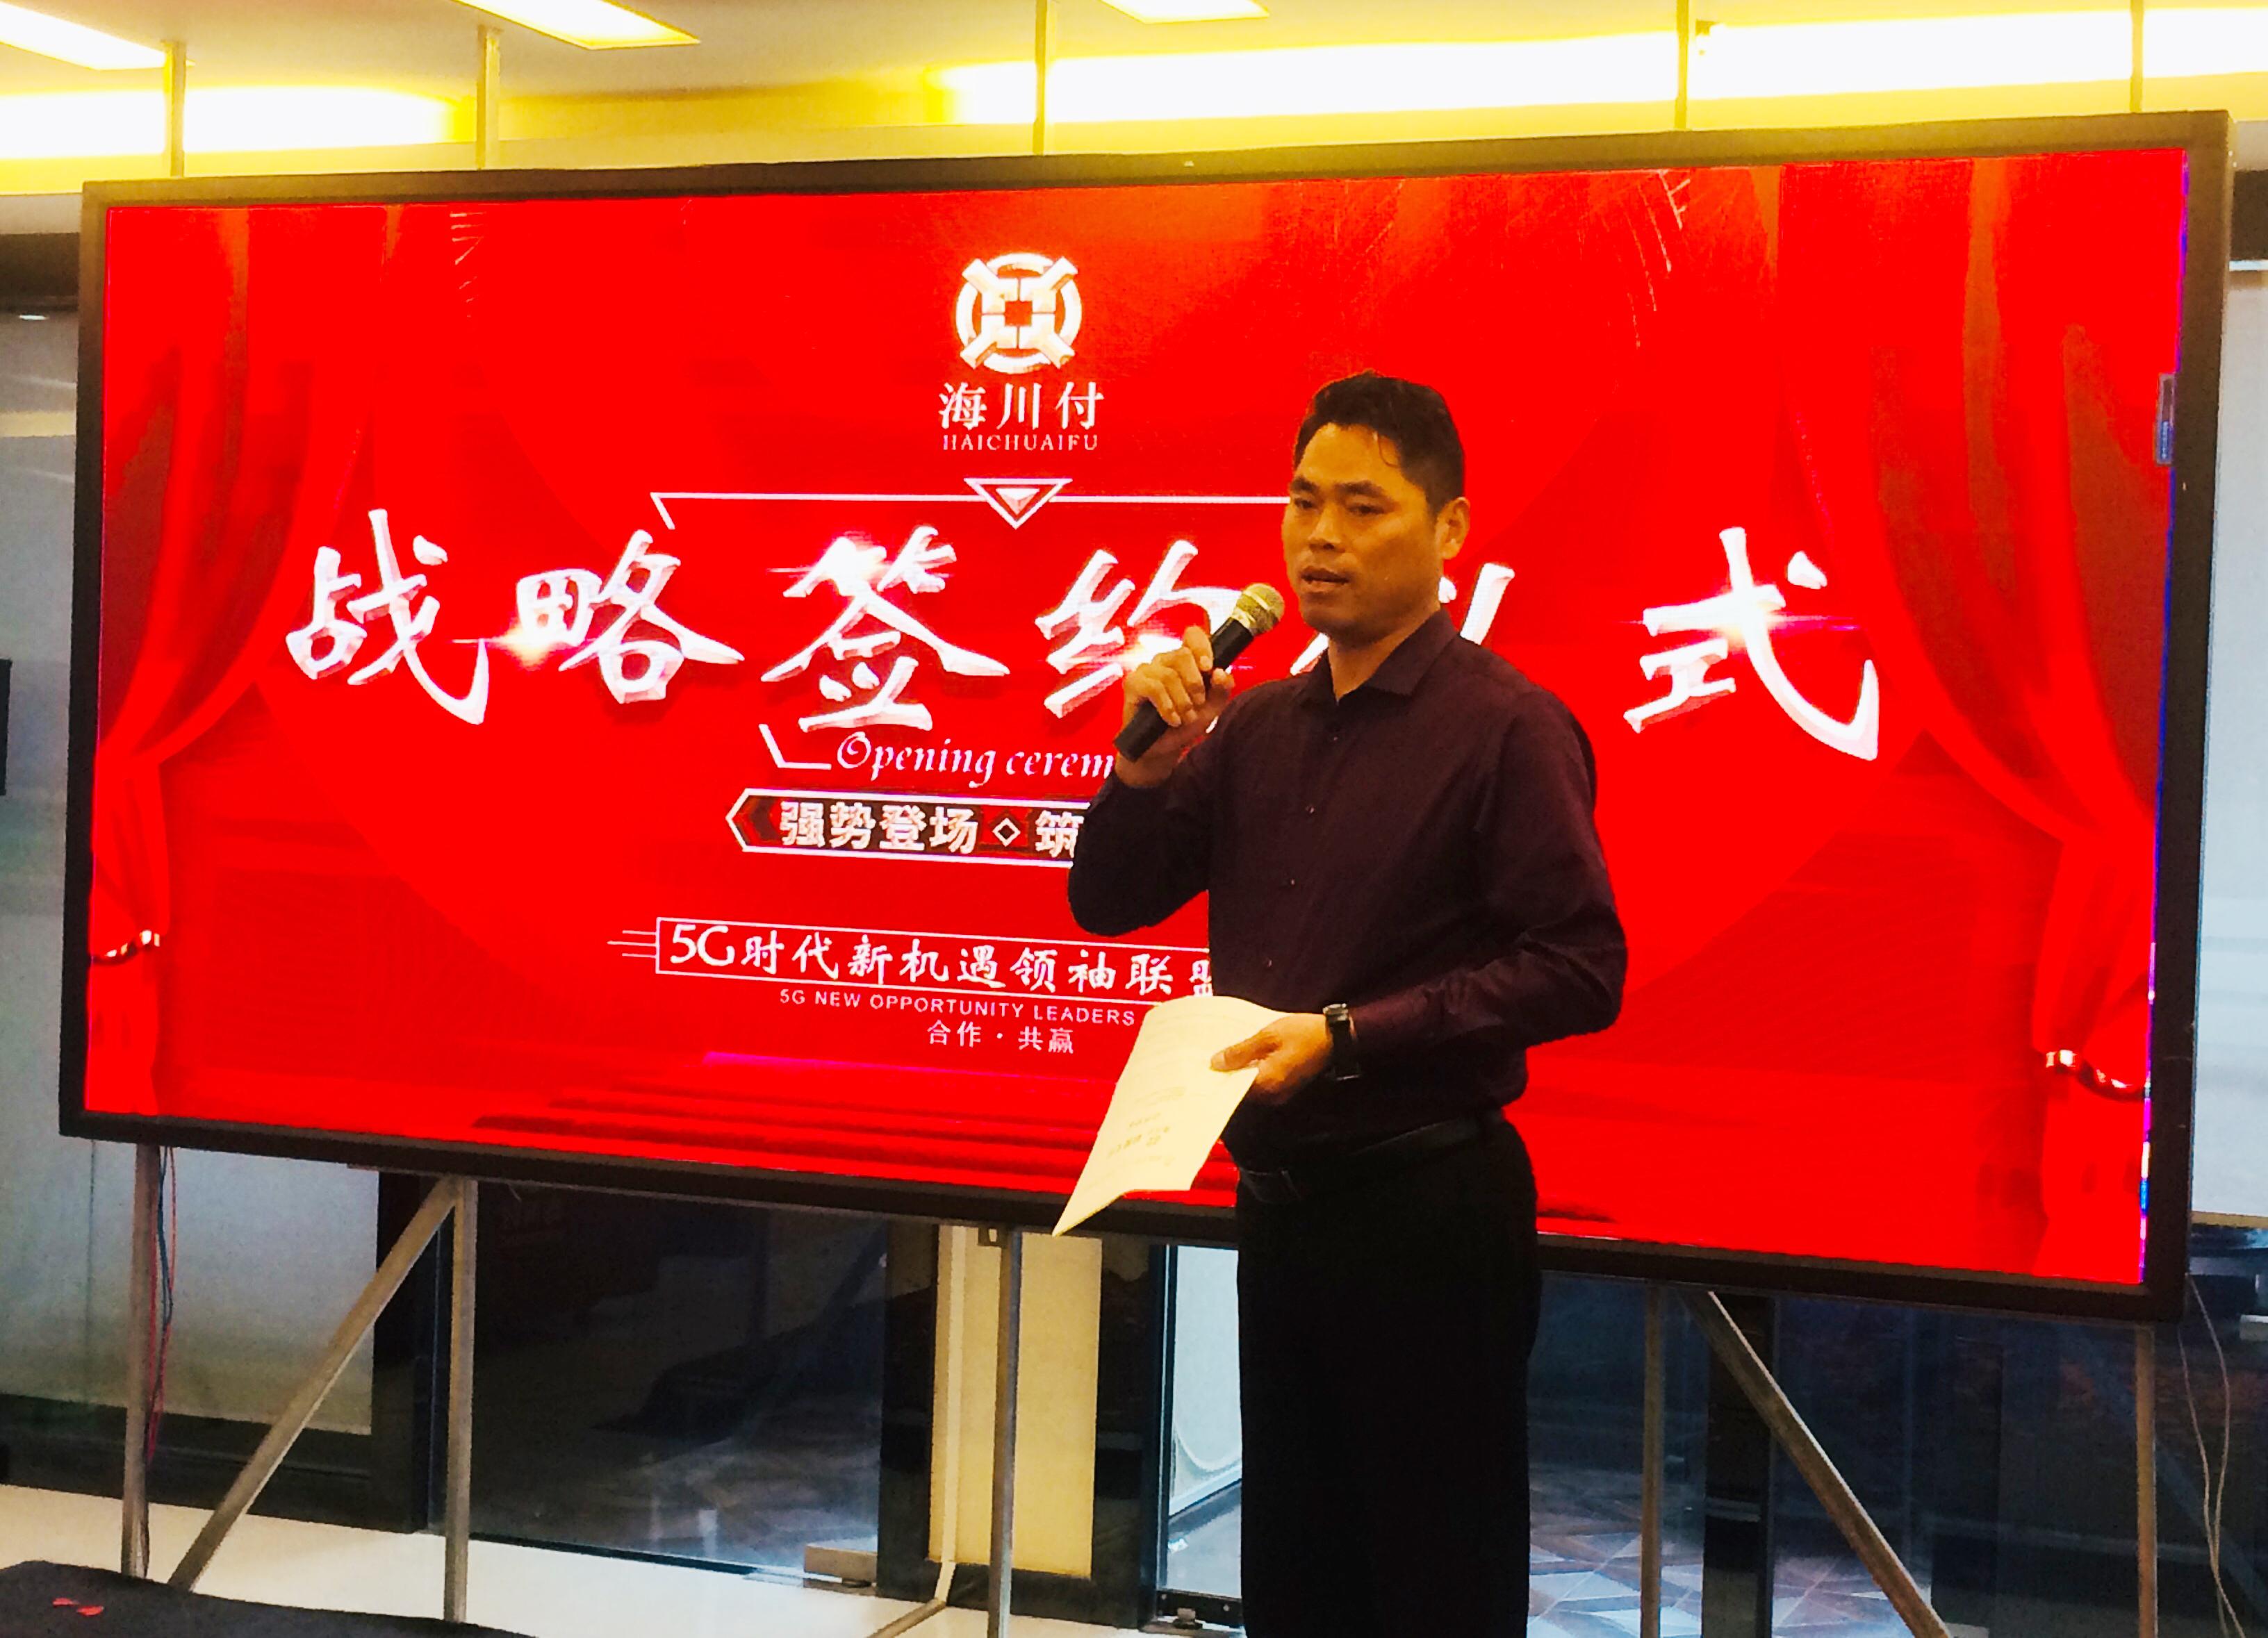 中国5G时代新机遇领袖联盟峰会暨AI刷脸支付风口财富论坛新闻发布